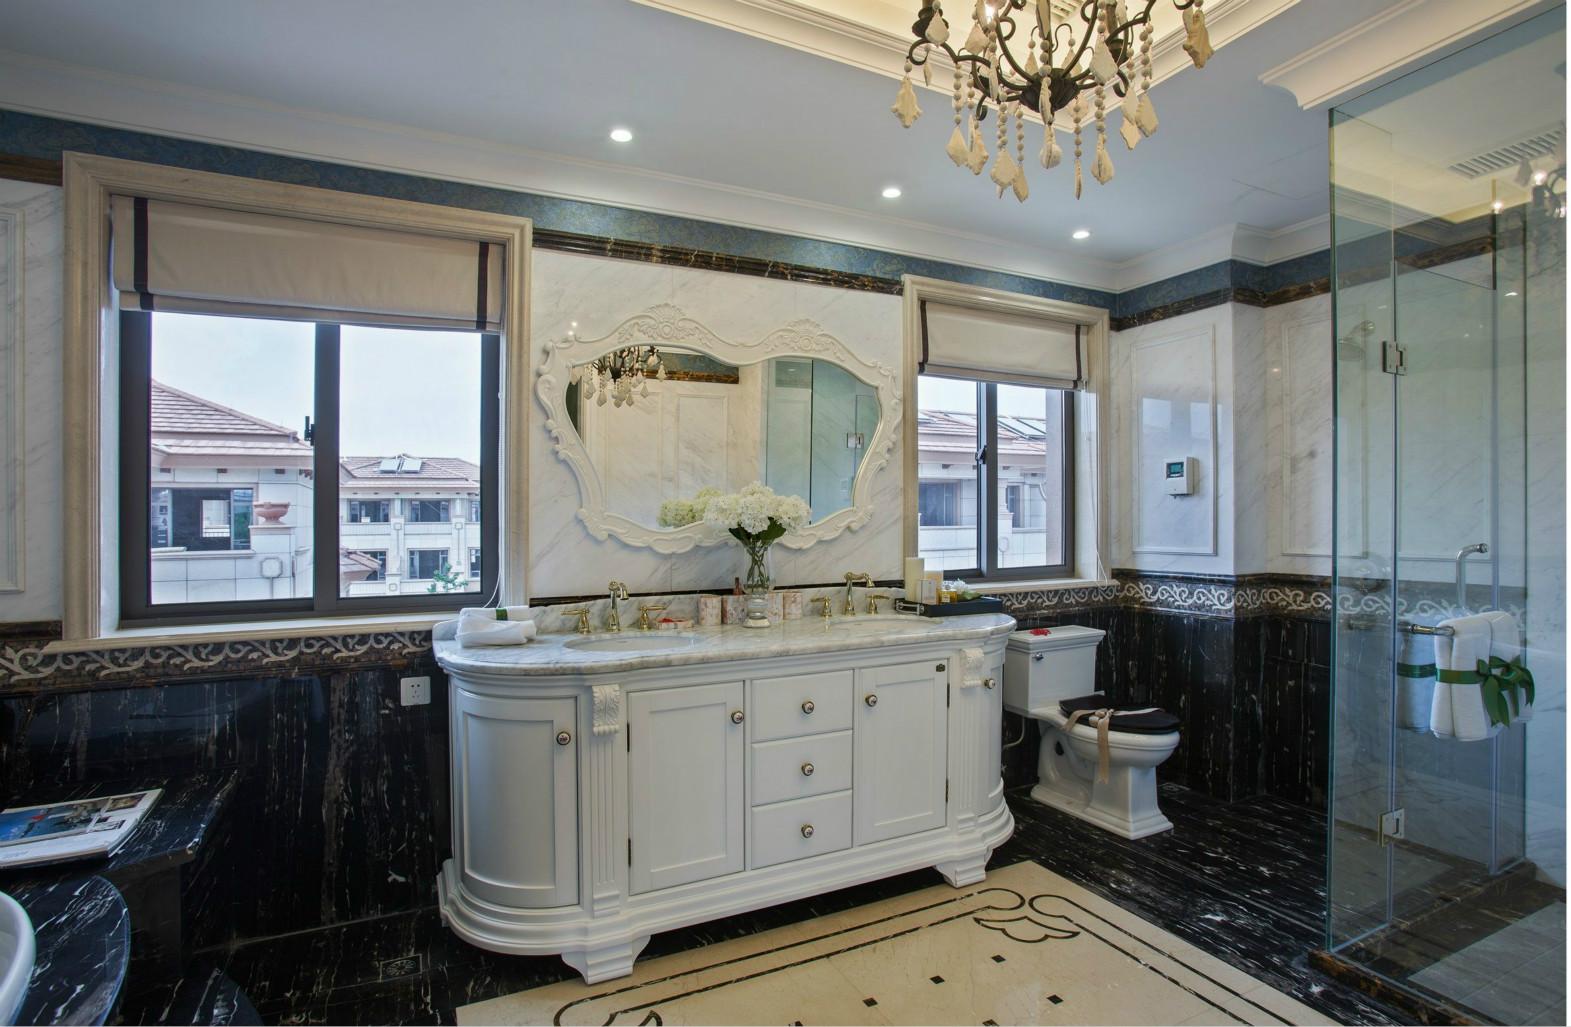 面积蛮大的卫生间,独立的淋浴间、独立的马桶位,卫浴柜外移,彻底的干湿分离,让空间更加的实用。